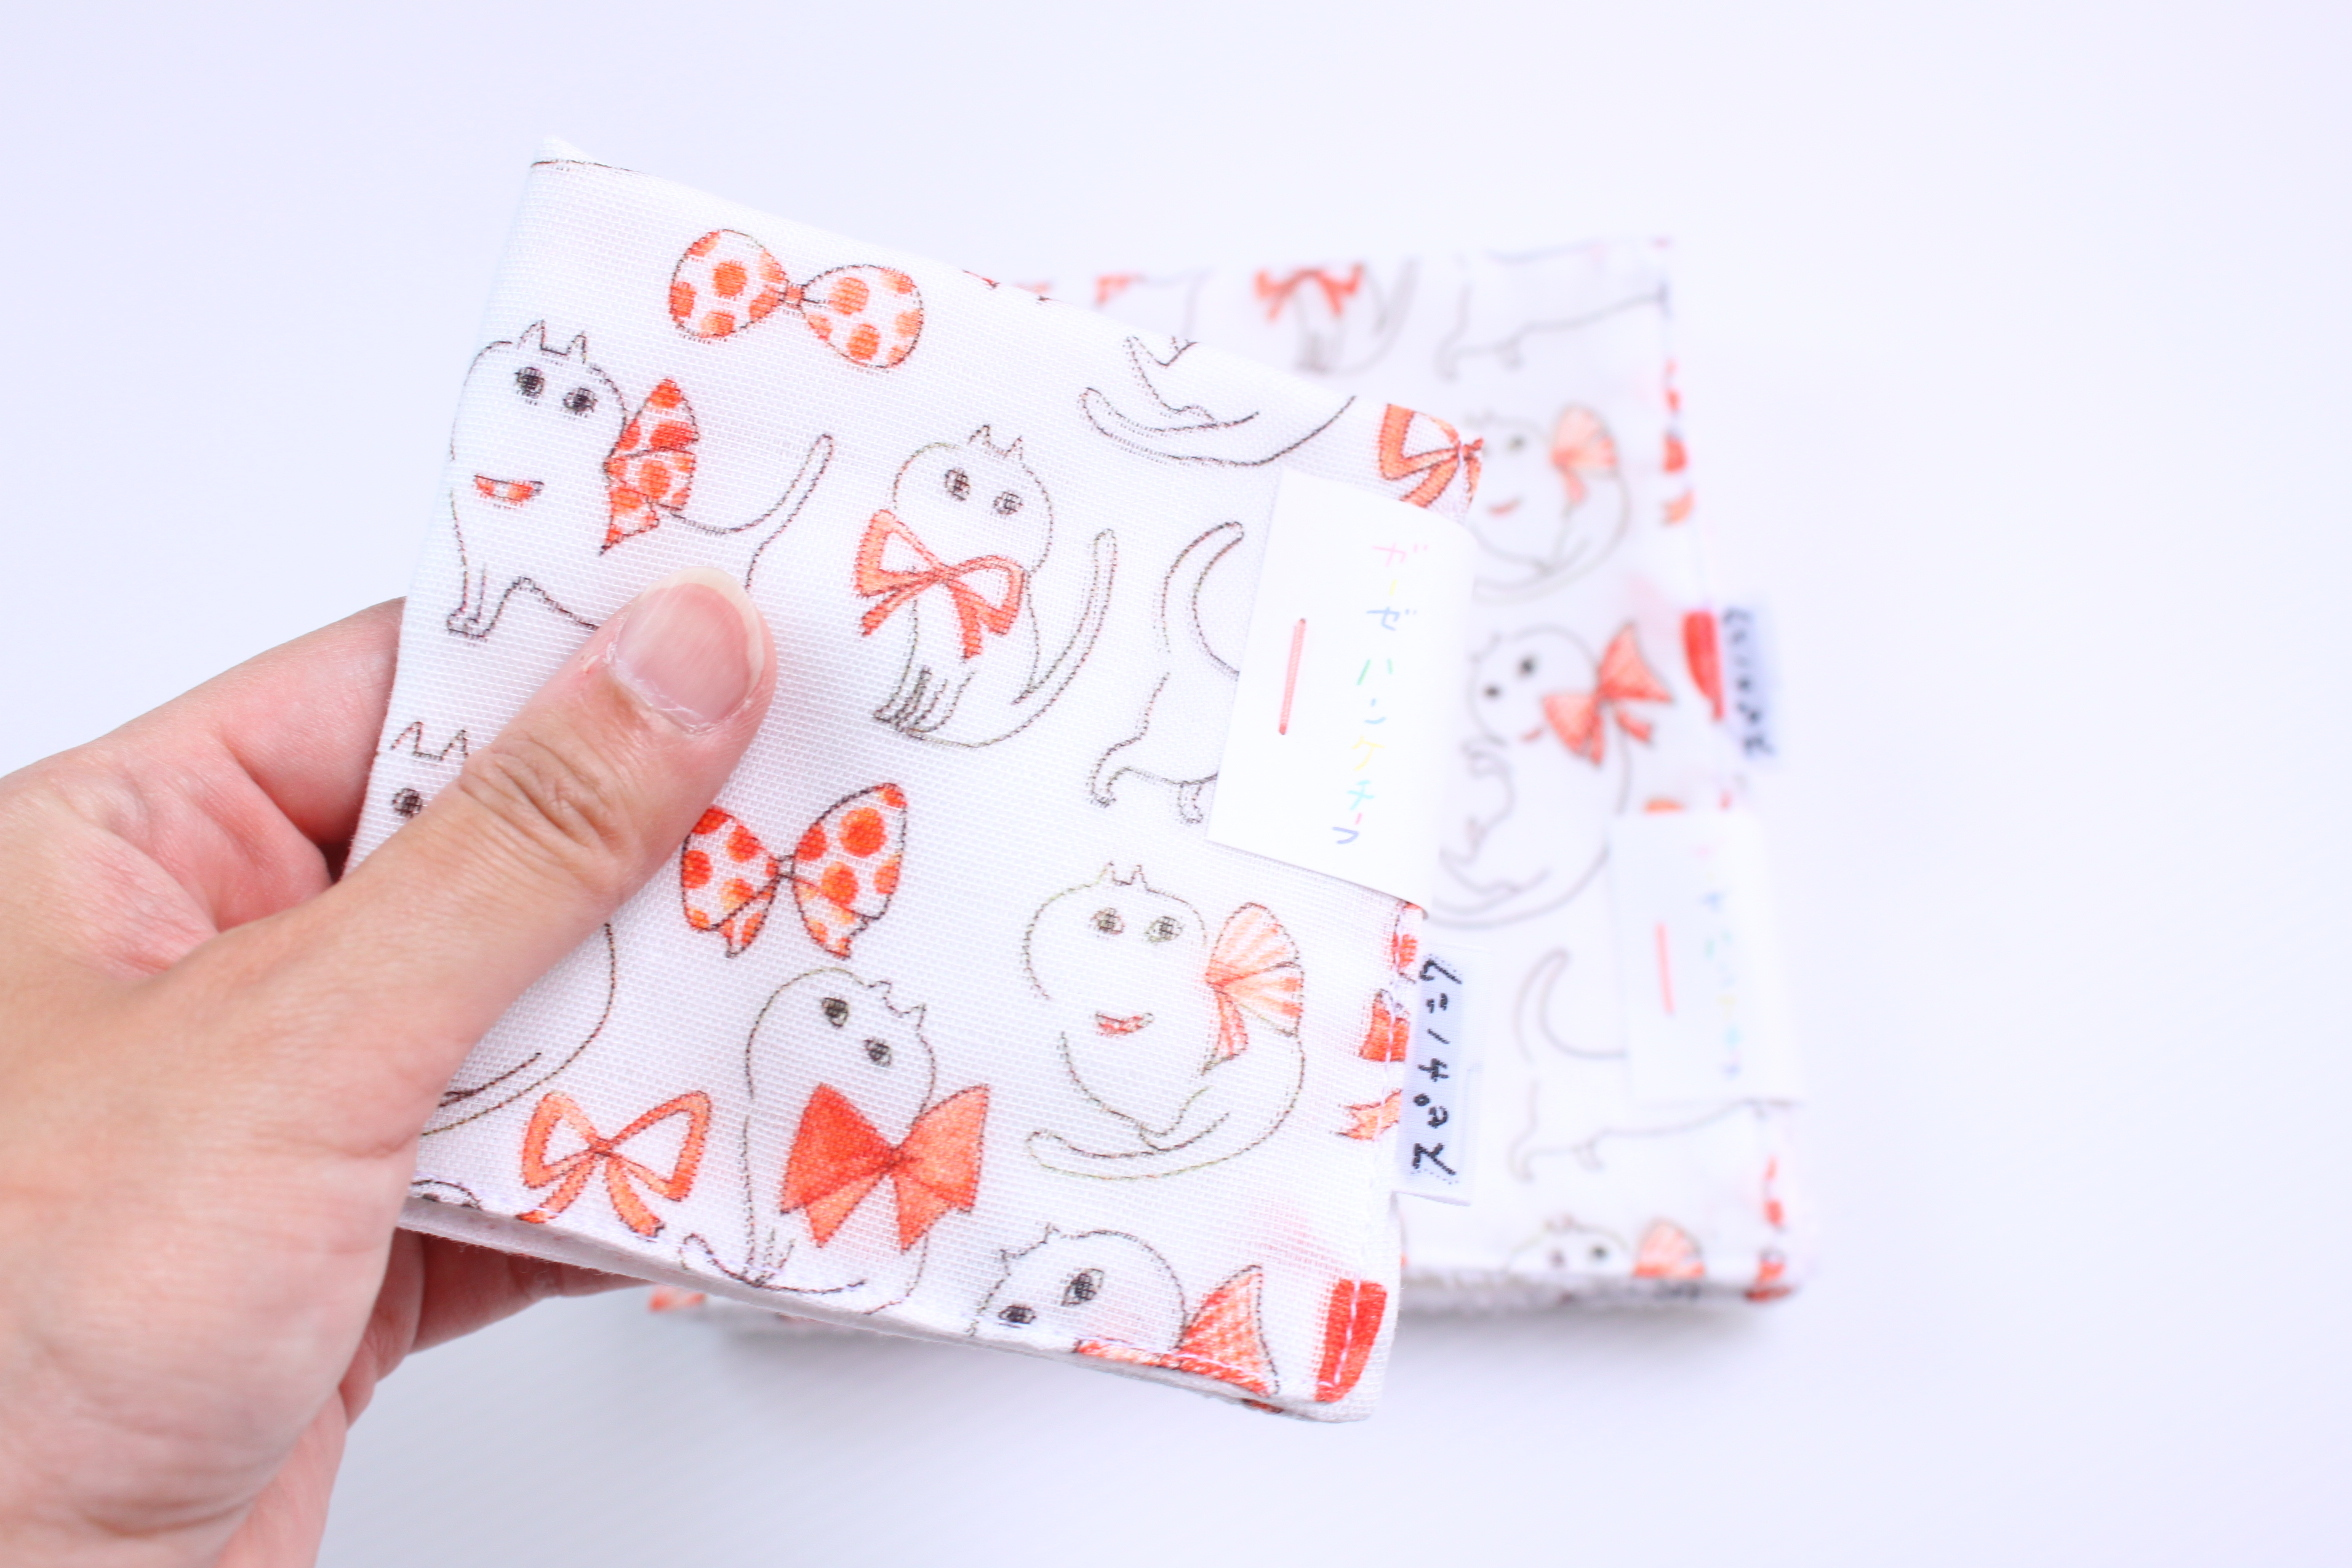 【保護猫支援】spicanoniwa ハンカチ / 白猫リボンキャットのスフレちゃん/ ガーゼタイプ